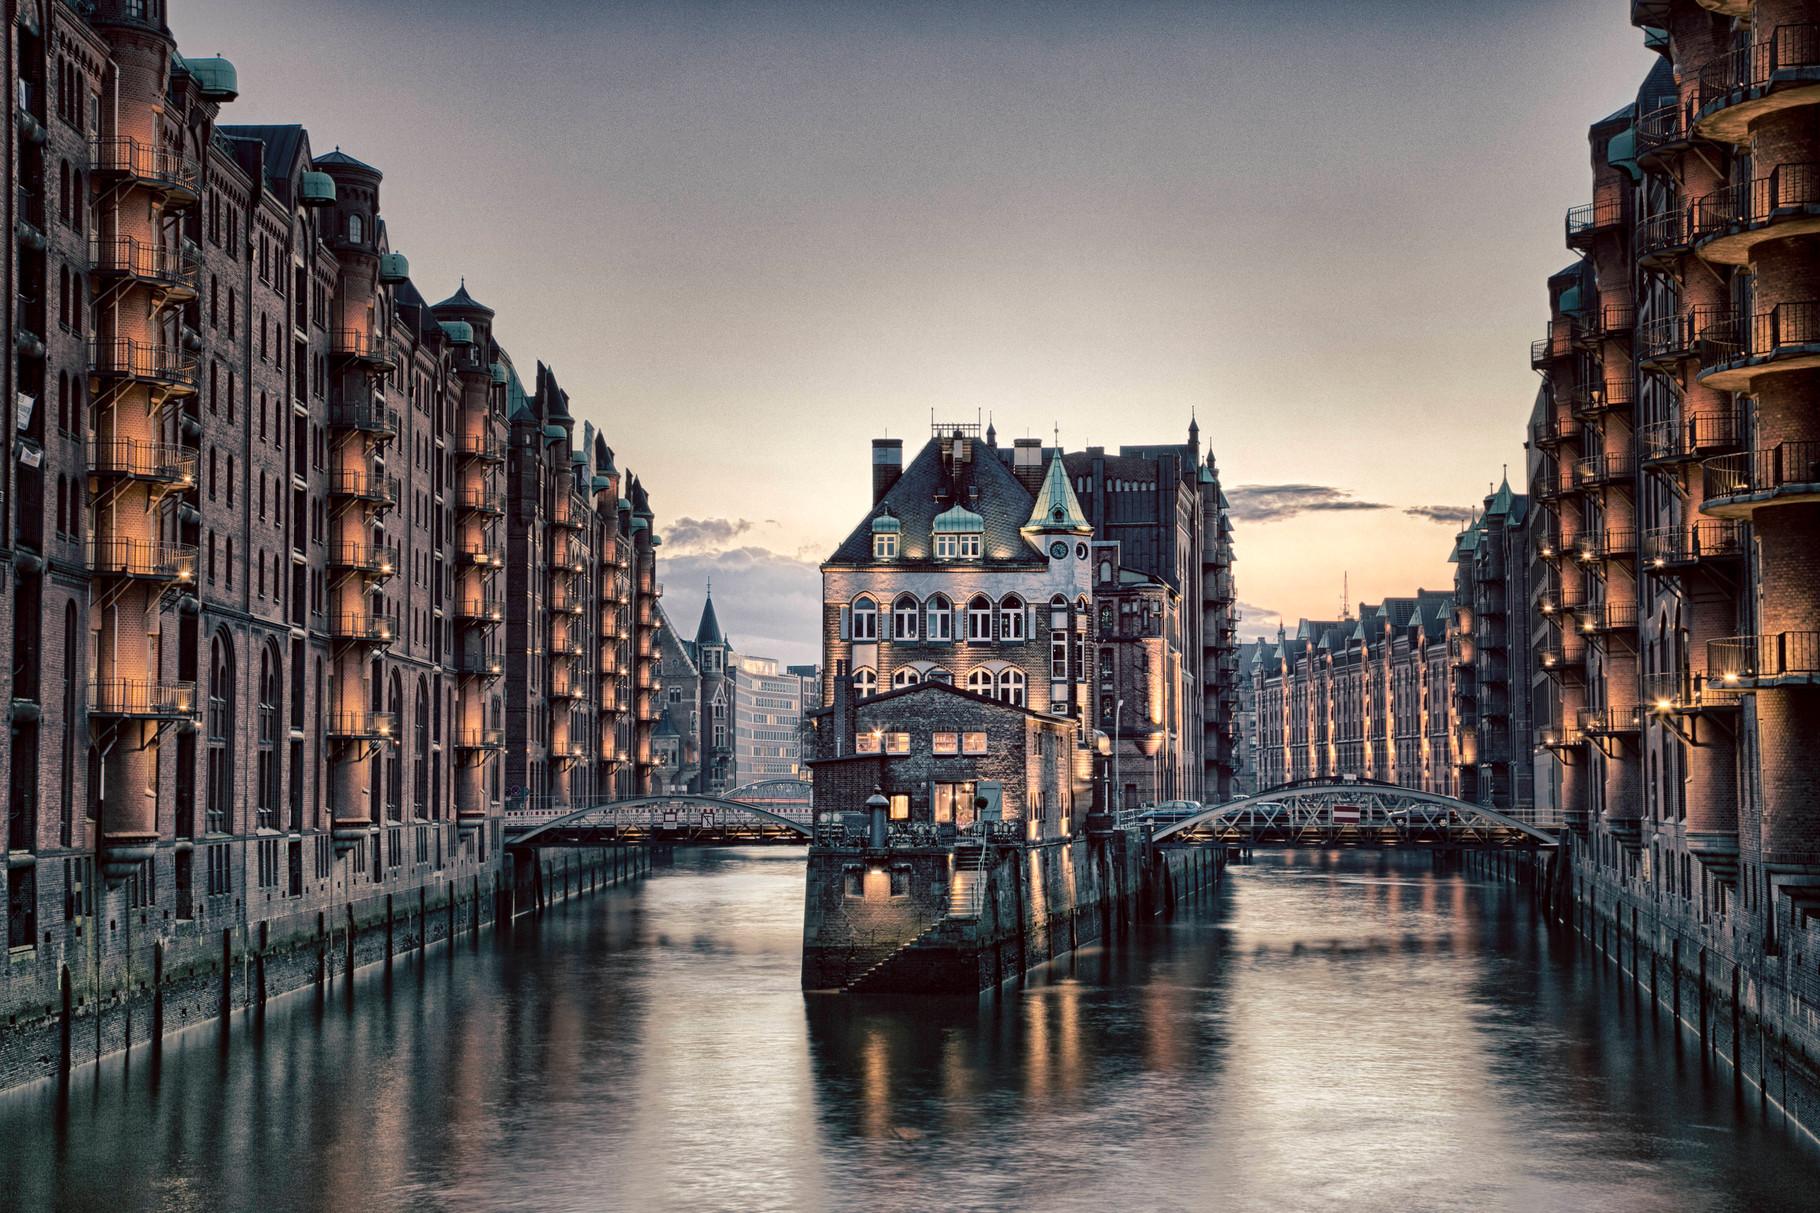 Wasserschloss Hamburger Freihafen